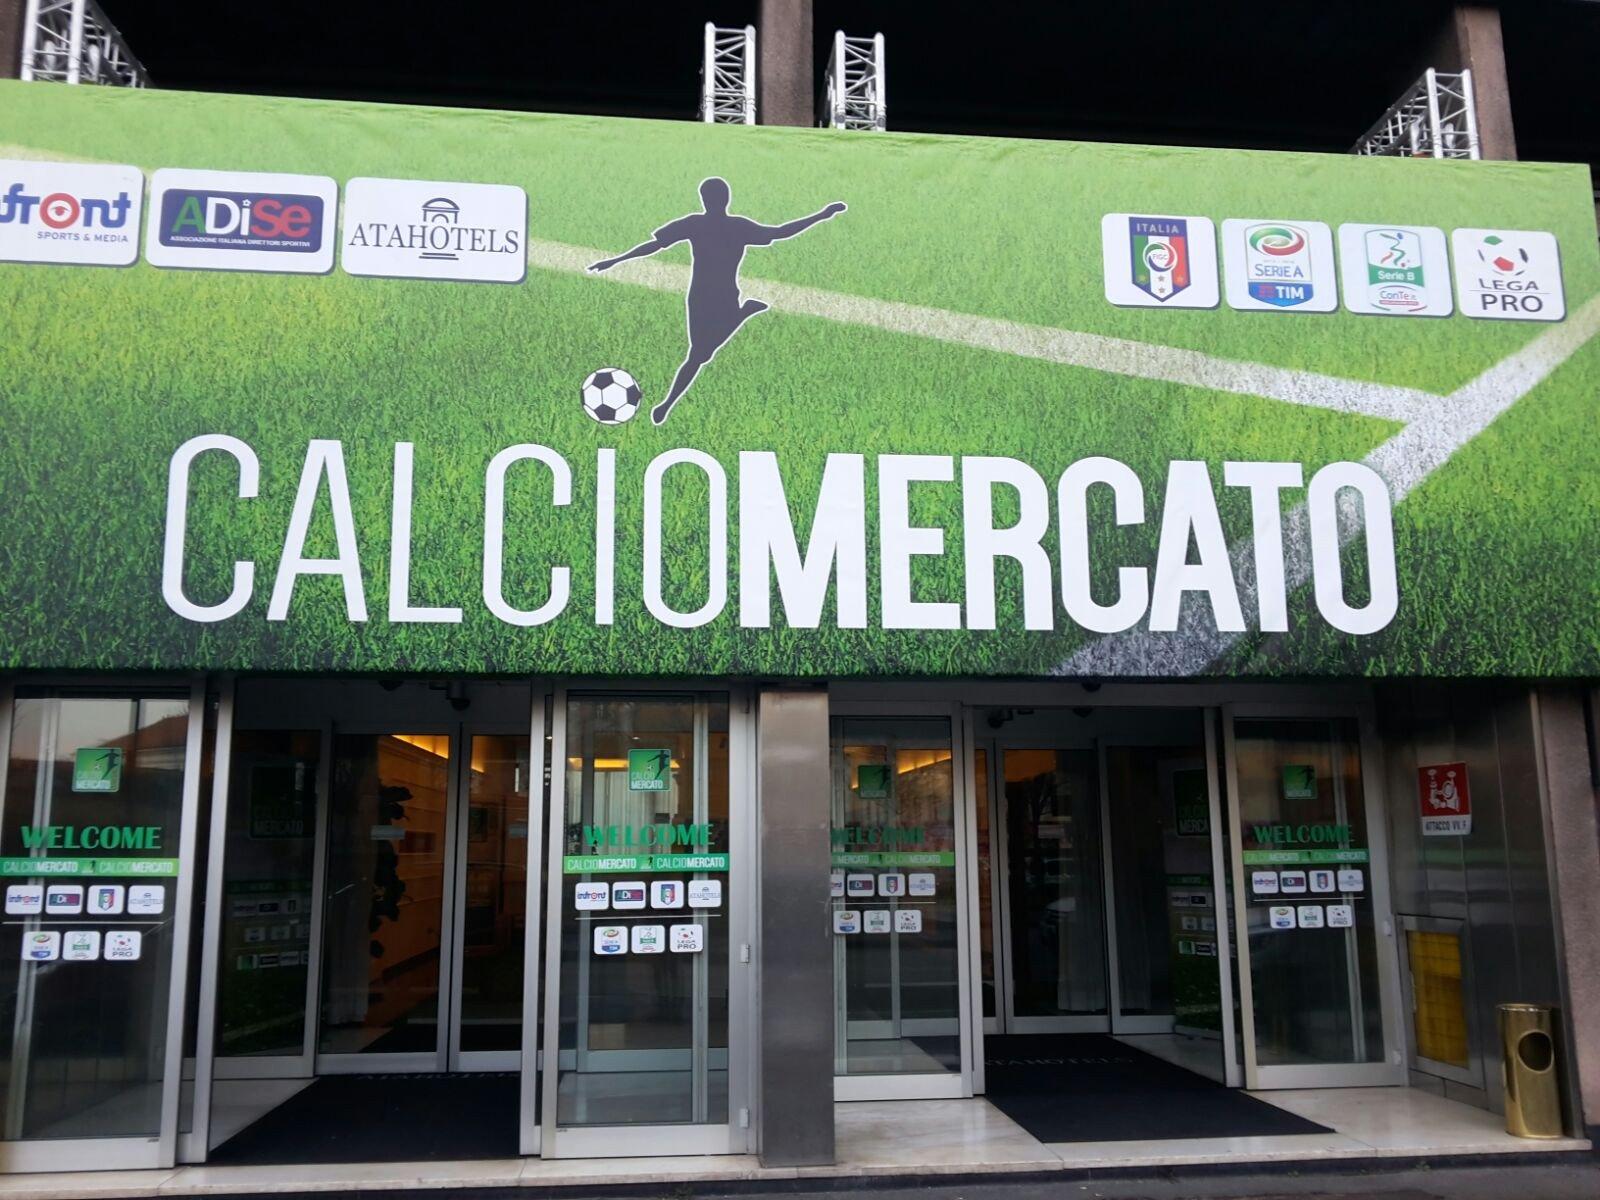 Calciomercato: Ufficiali date sessione estiva e invernale |  Sport e Vai